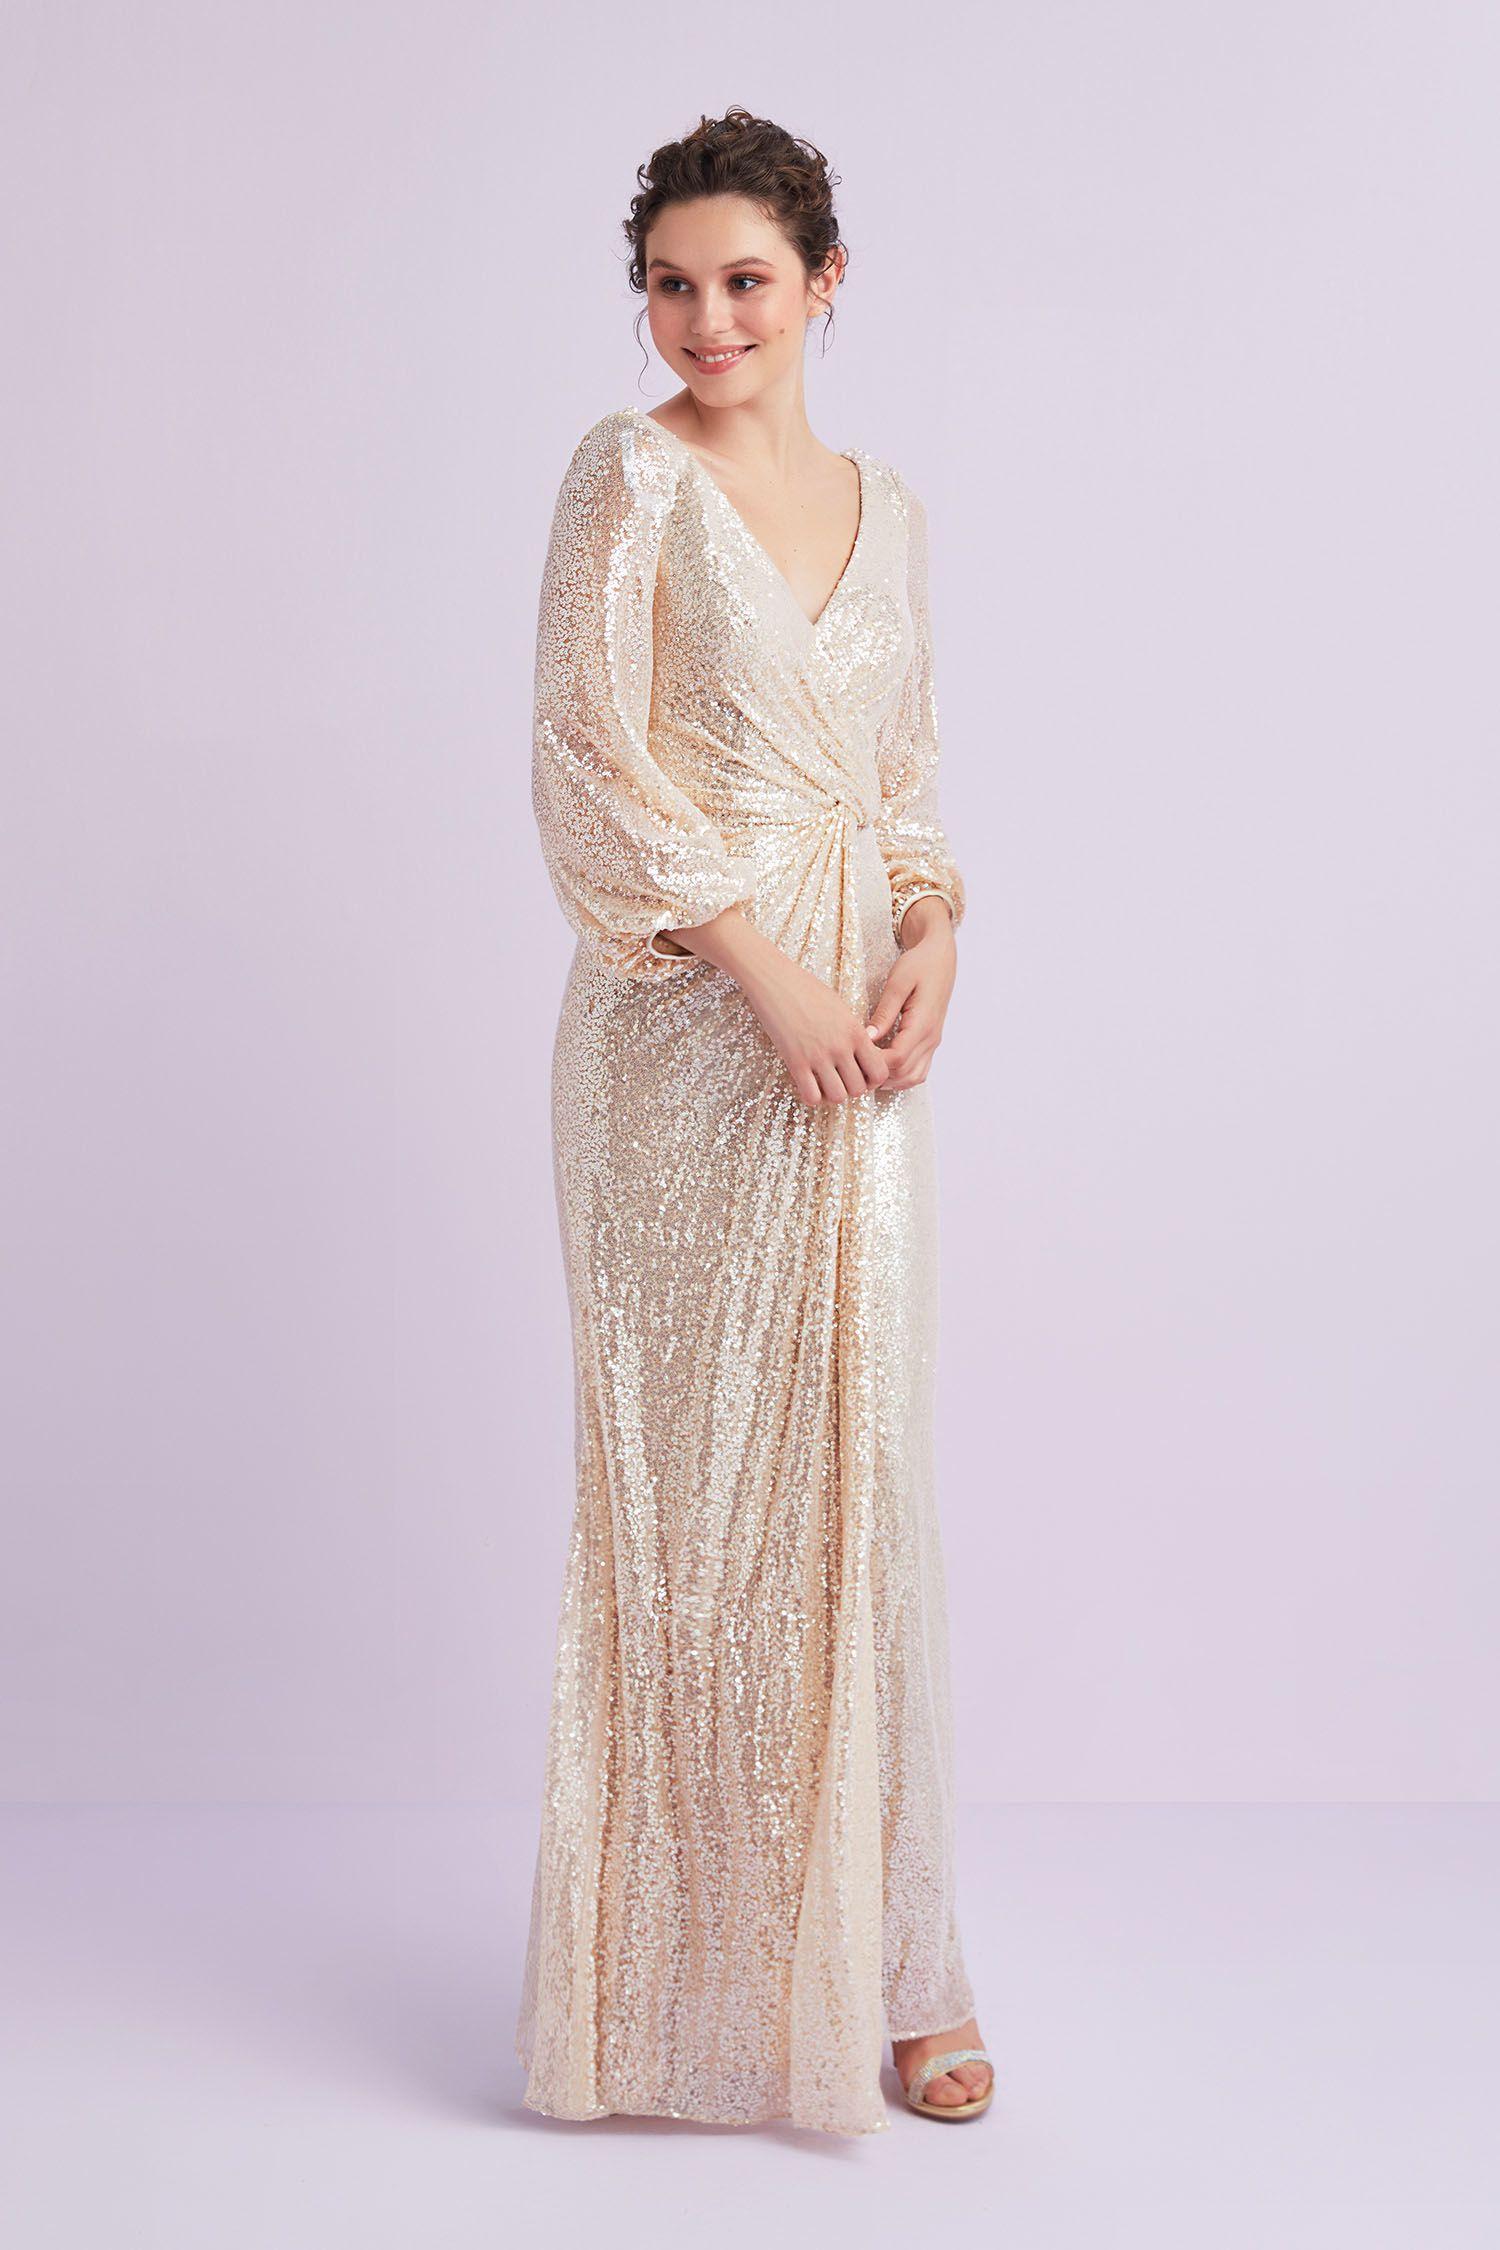 Sampanya Rengi Uzun Kollu Payet Islemeli Abiye Elbise Oleg Cassini Elbise Aksamustu Giysileri The Dress